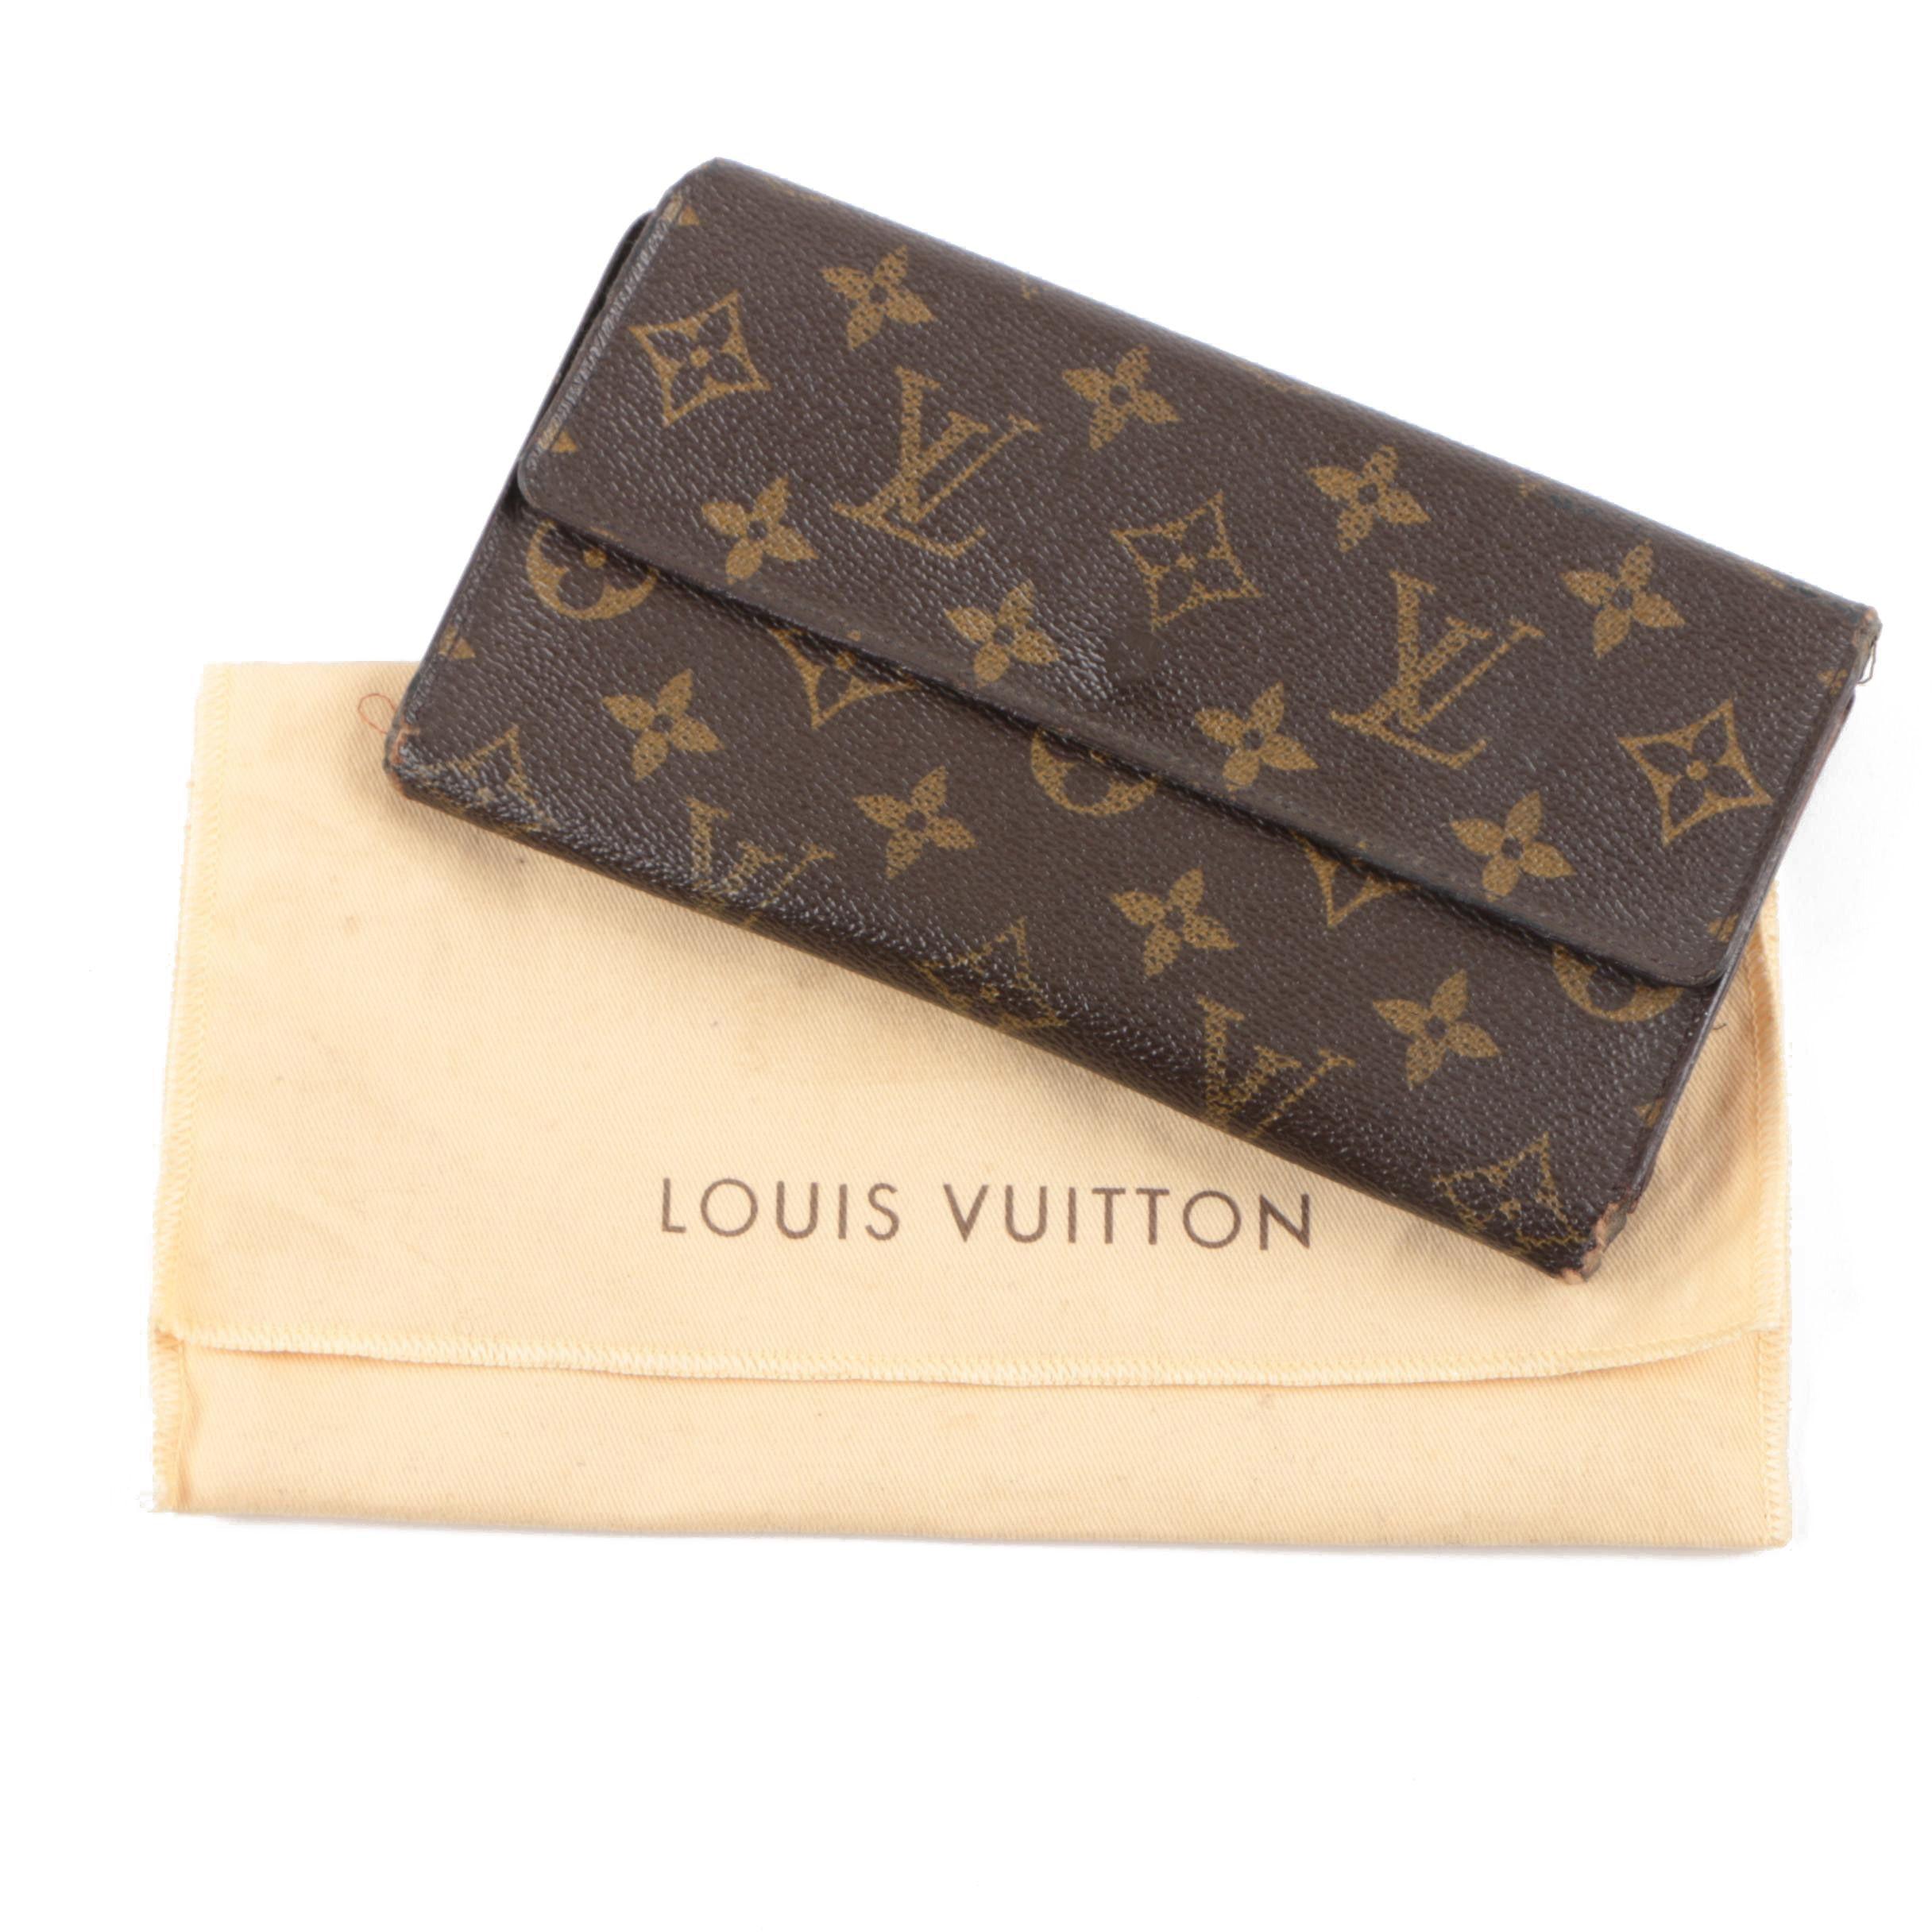 Vintage Louis Vuitton of Paris Monogram Canvas Wallet